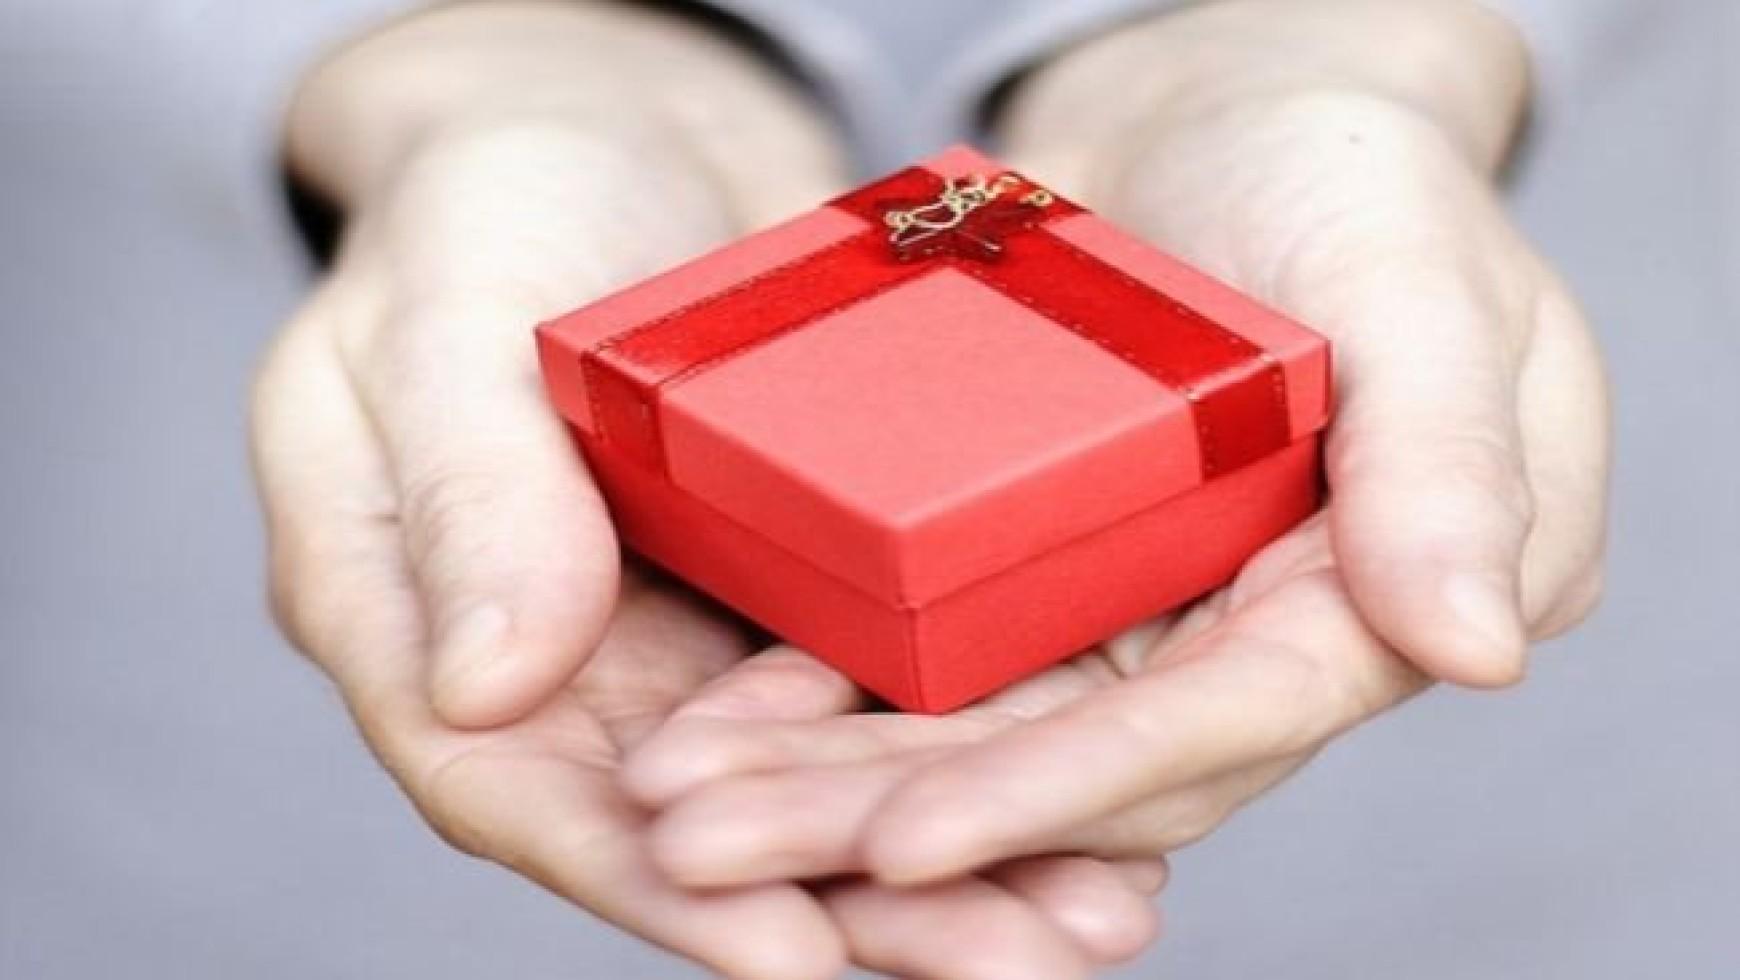 Predicacion: Un regalo para la vida (22/07/2012)